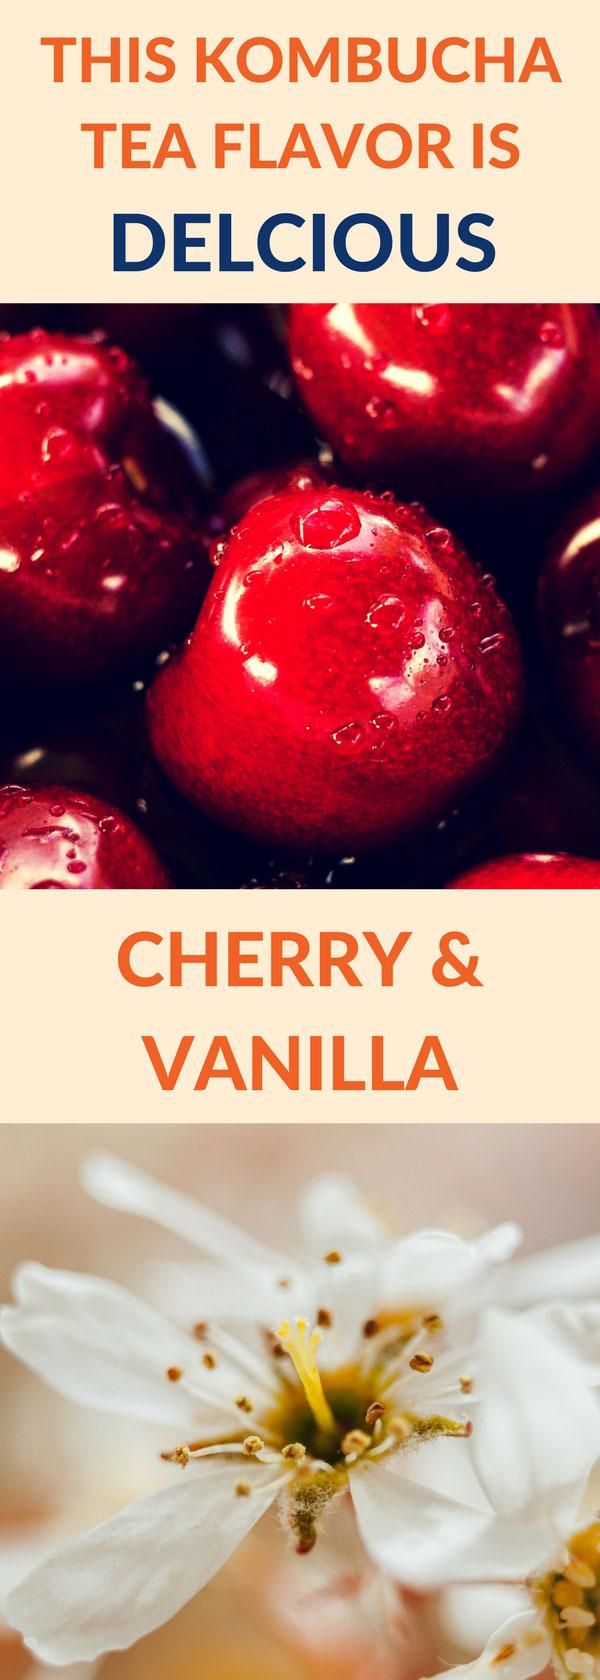 flavor kombucha cherry vanilla pin